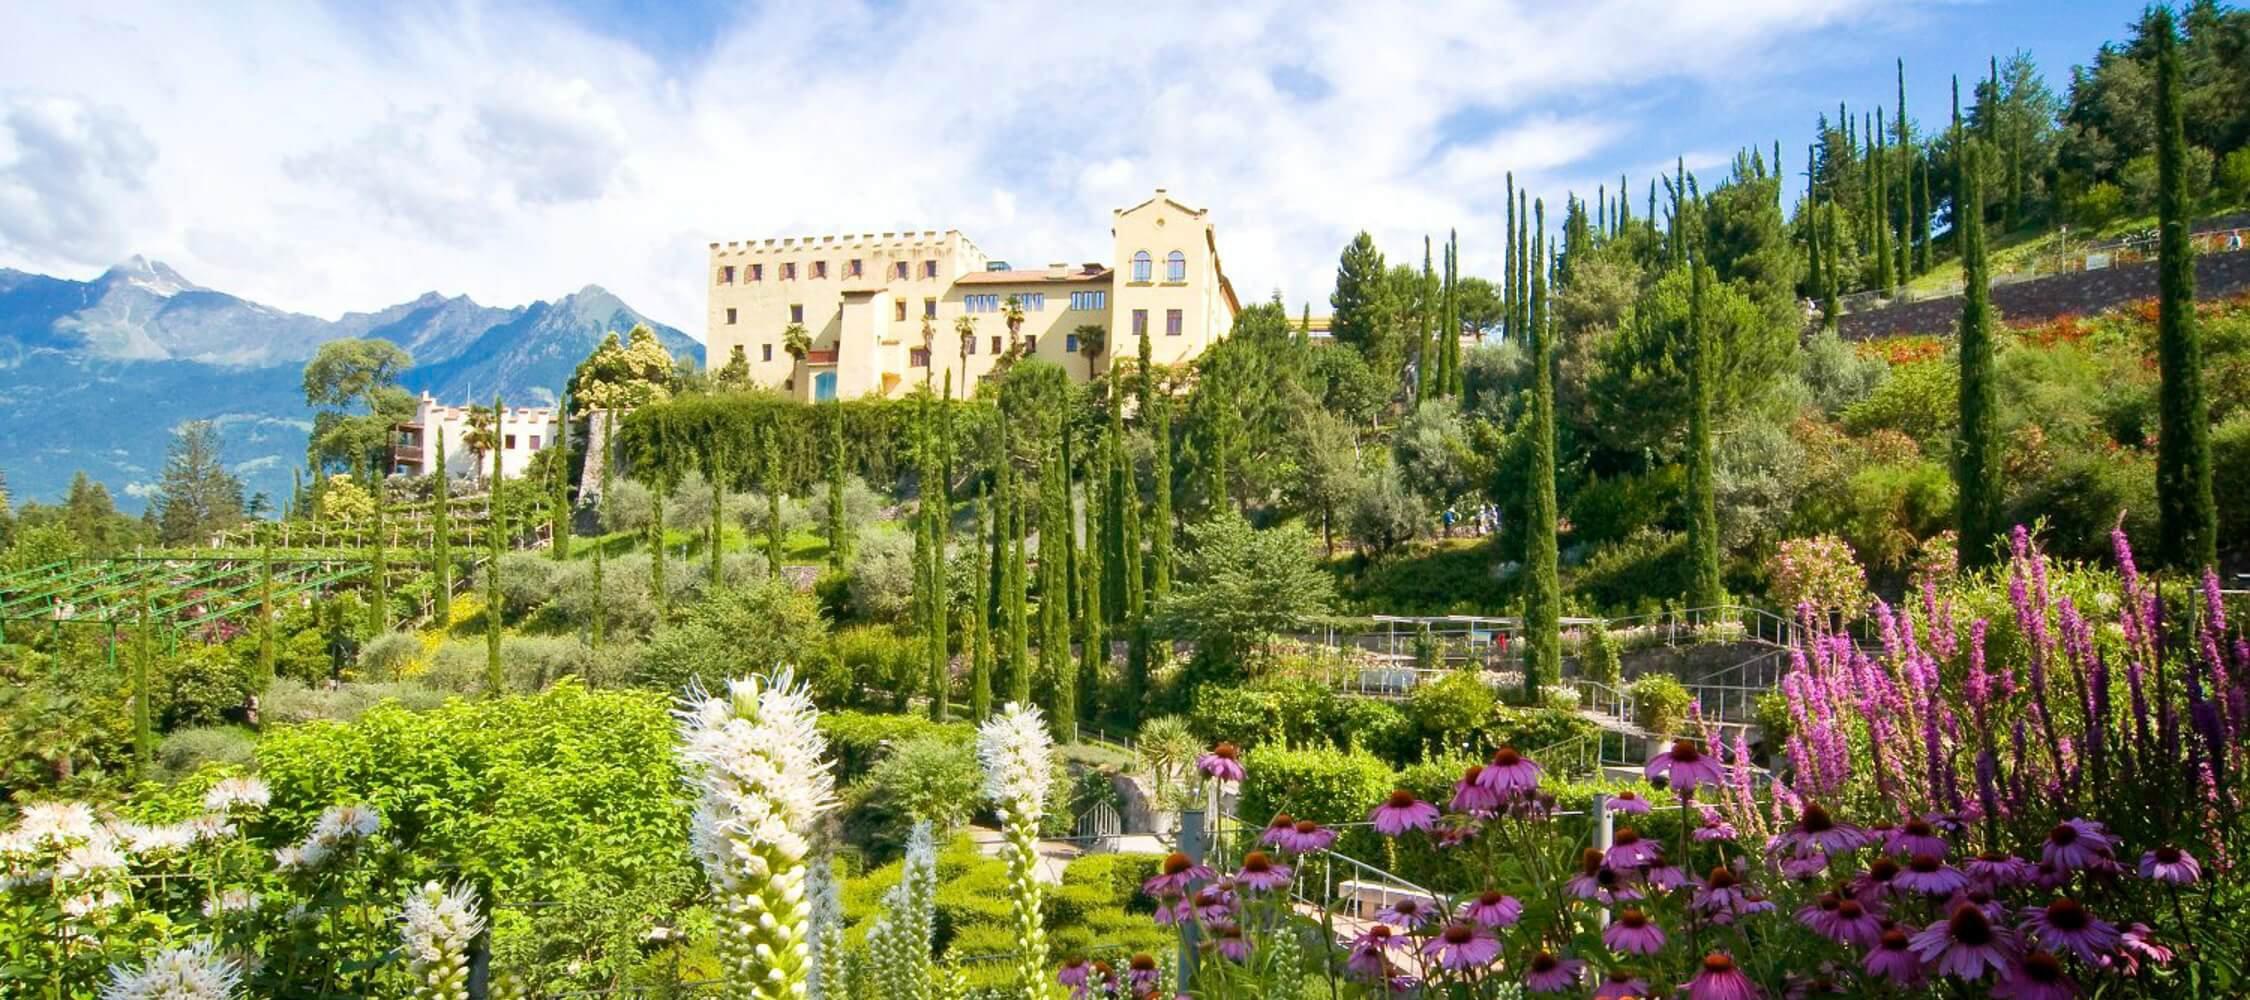 Italien-Trentino_Suedtirol_Alto_Adige_Merano_Meran_Natur_Besichtigen_Botanischer_Garten_Gaerten_von_Schloss_Trauttmansdorff-Marion Gelmini_2250x1000